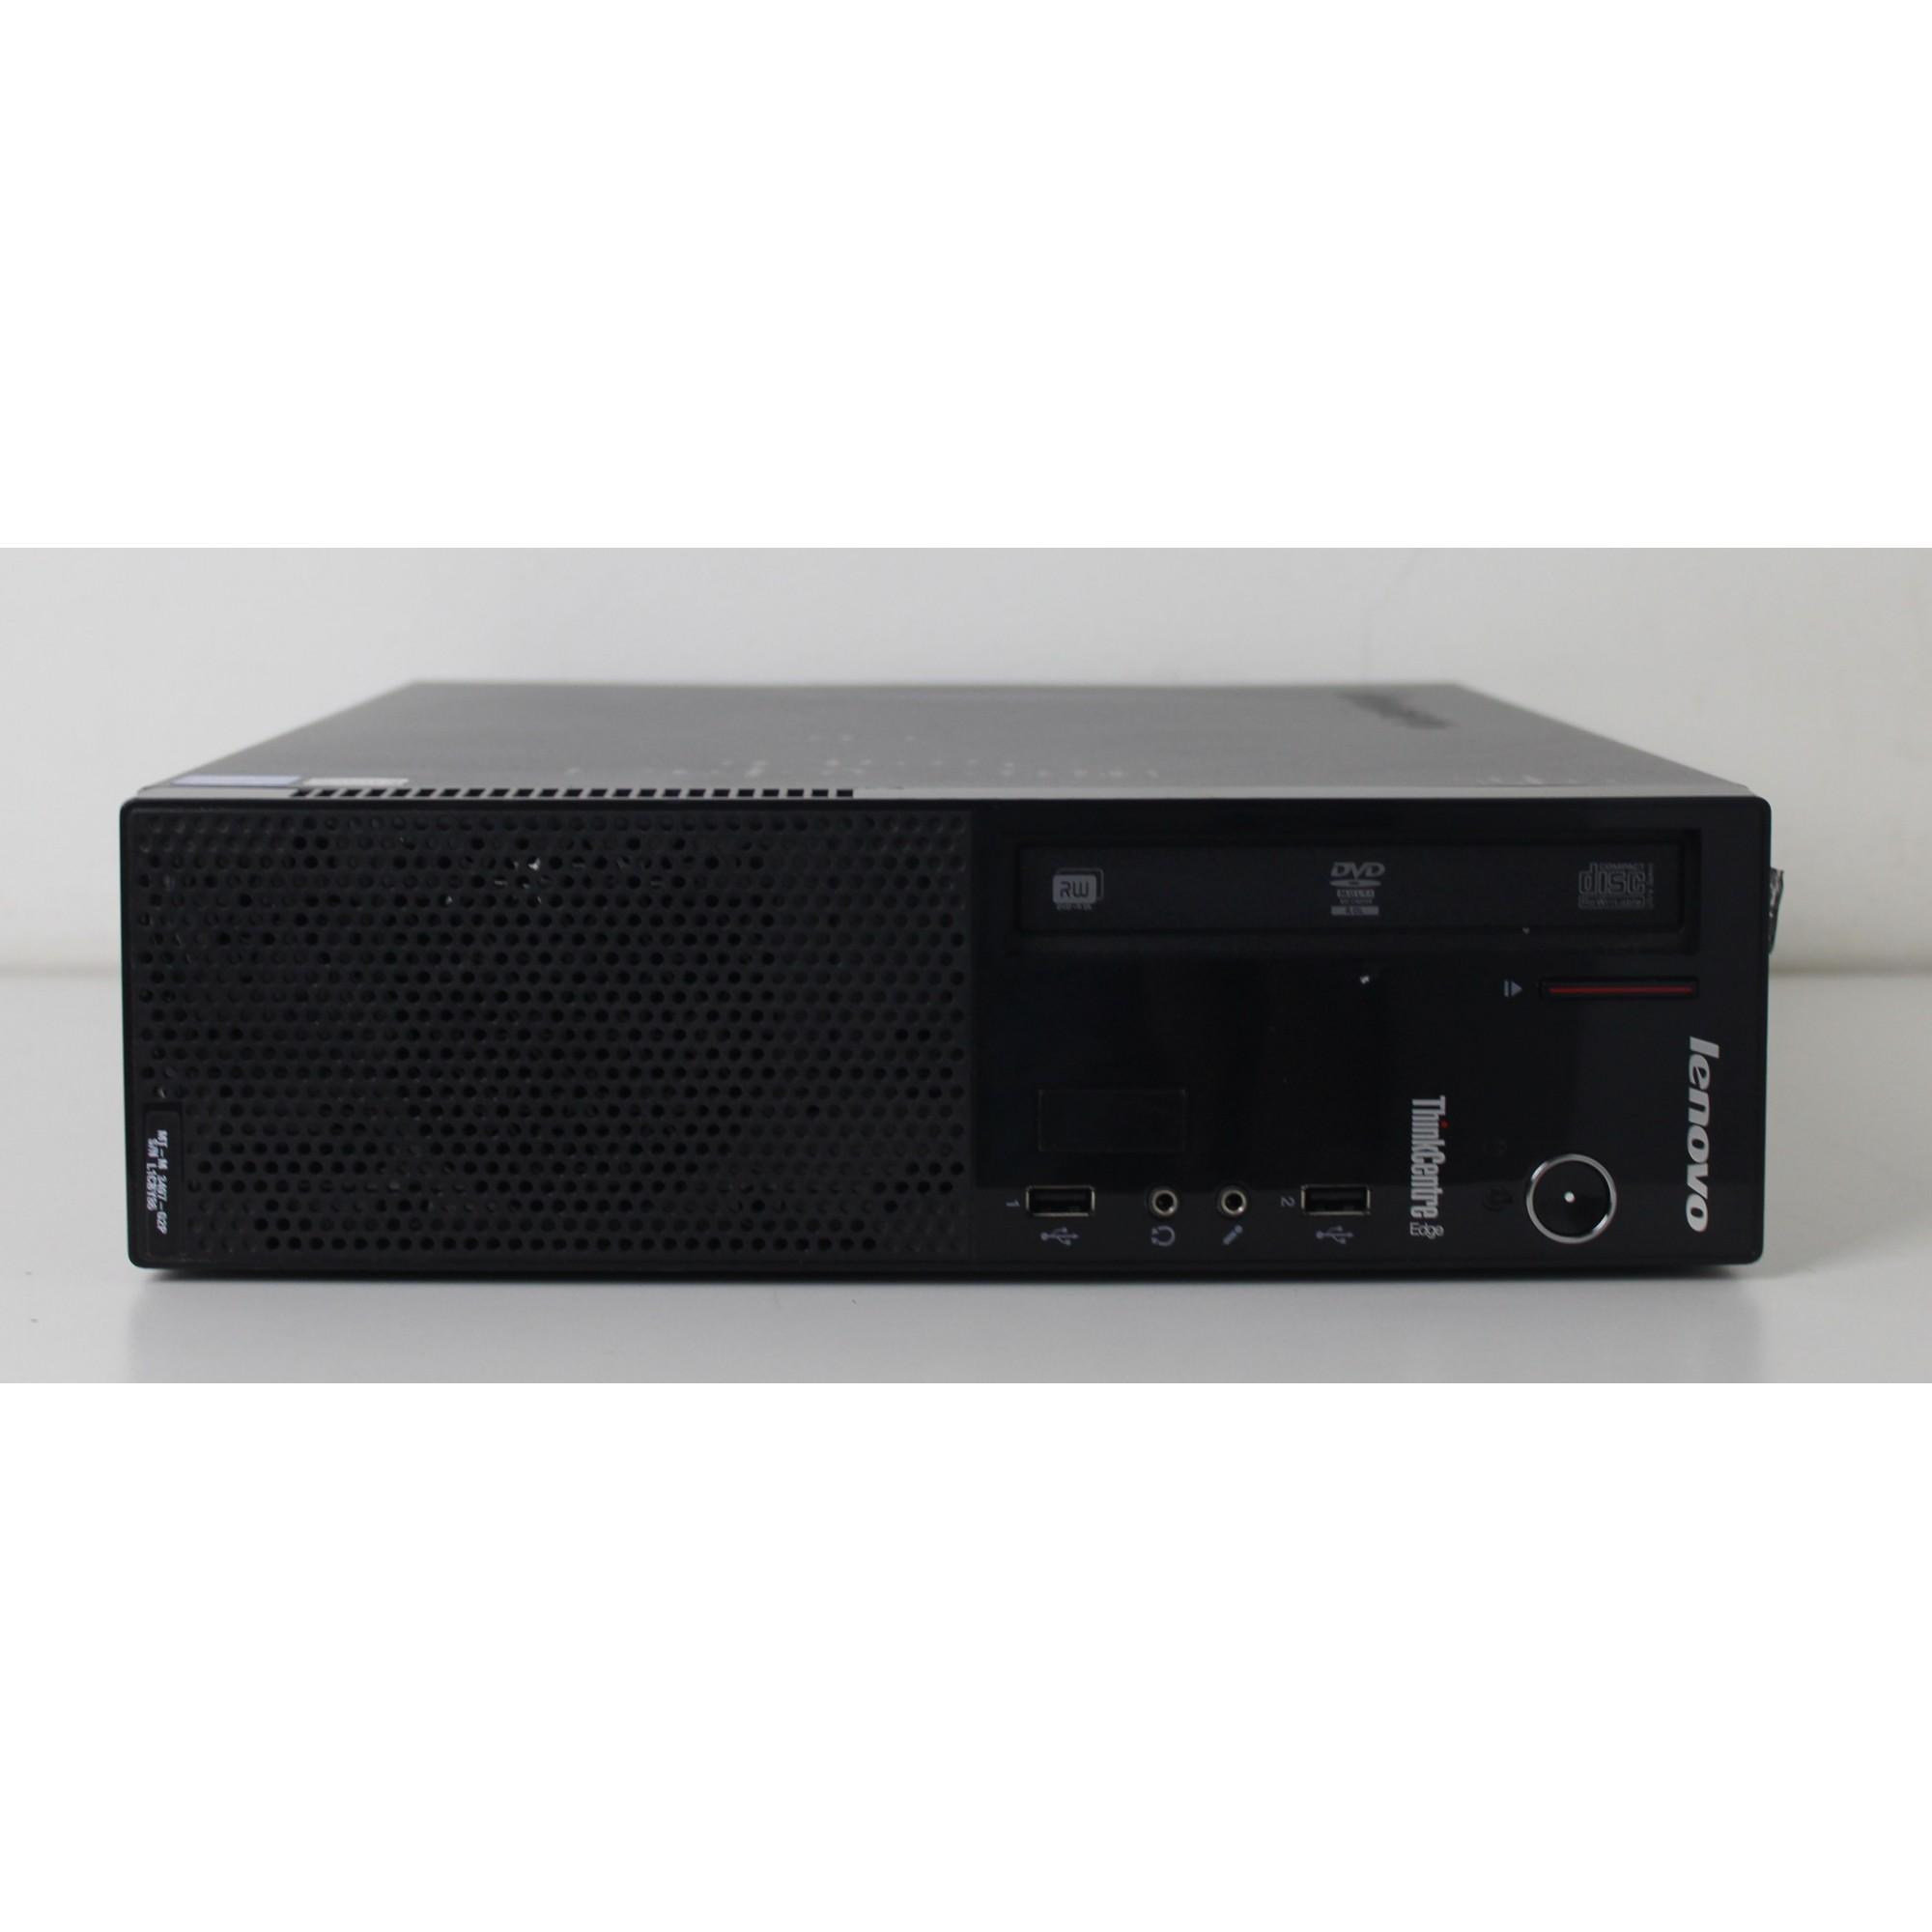 CPU Empresarial Lenovo Thinkcentre Edge72 Intel Core i5 2.9Ghz 4GB HD-500GB (não enviamos)